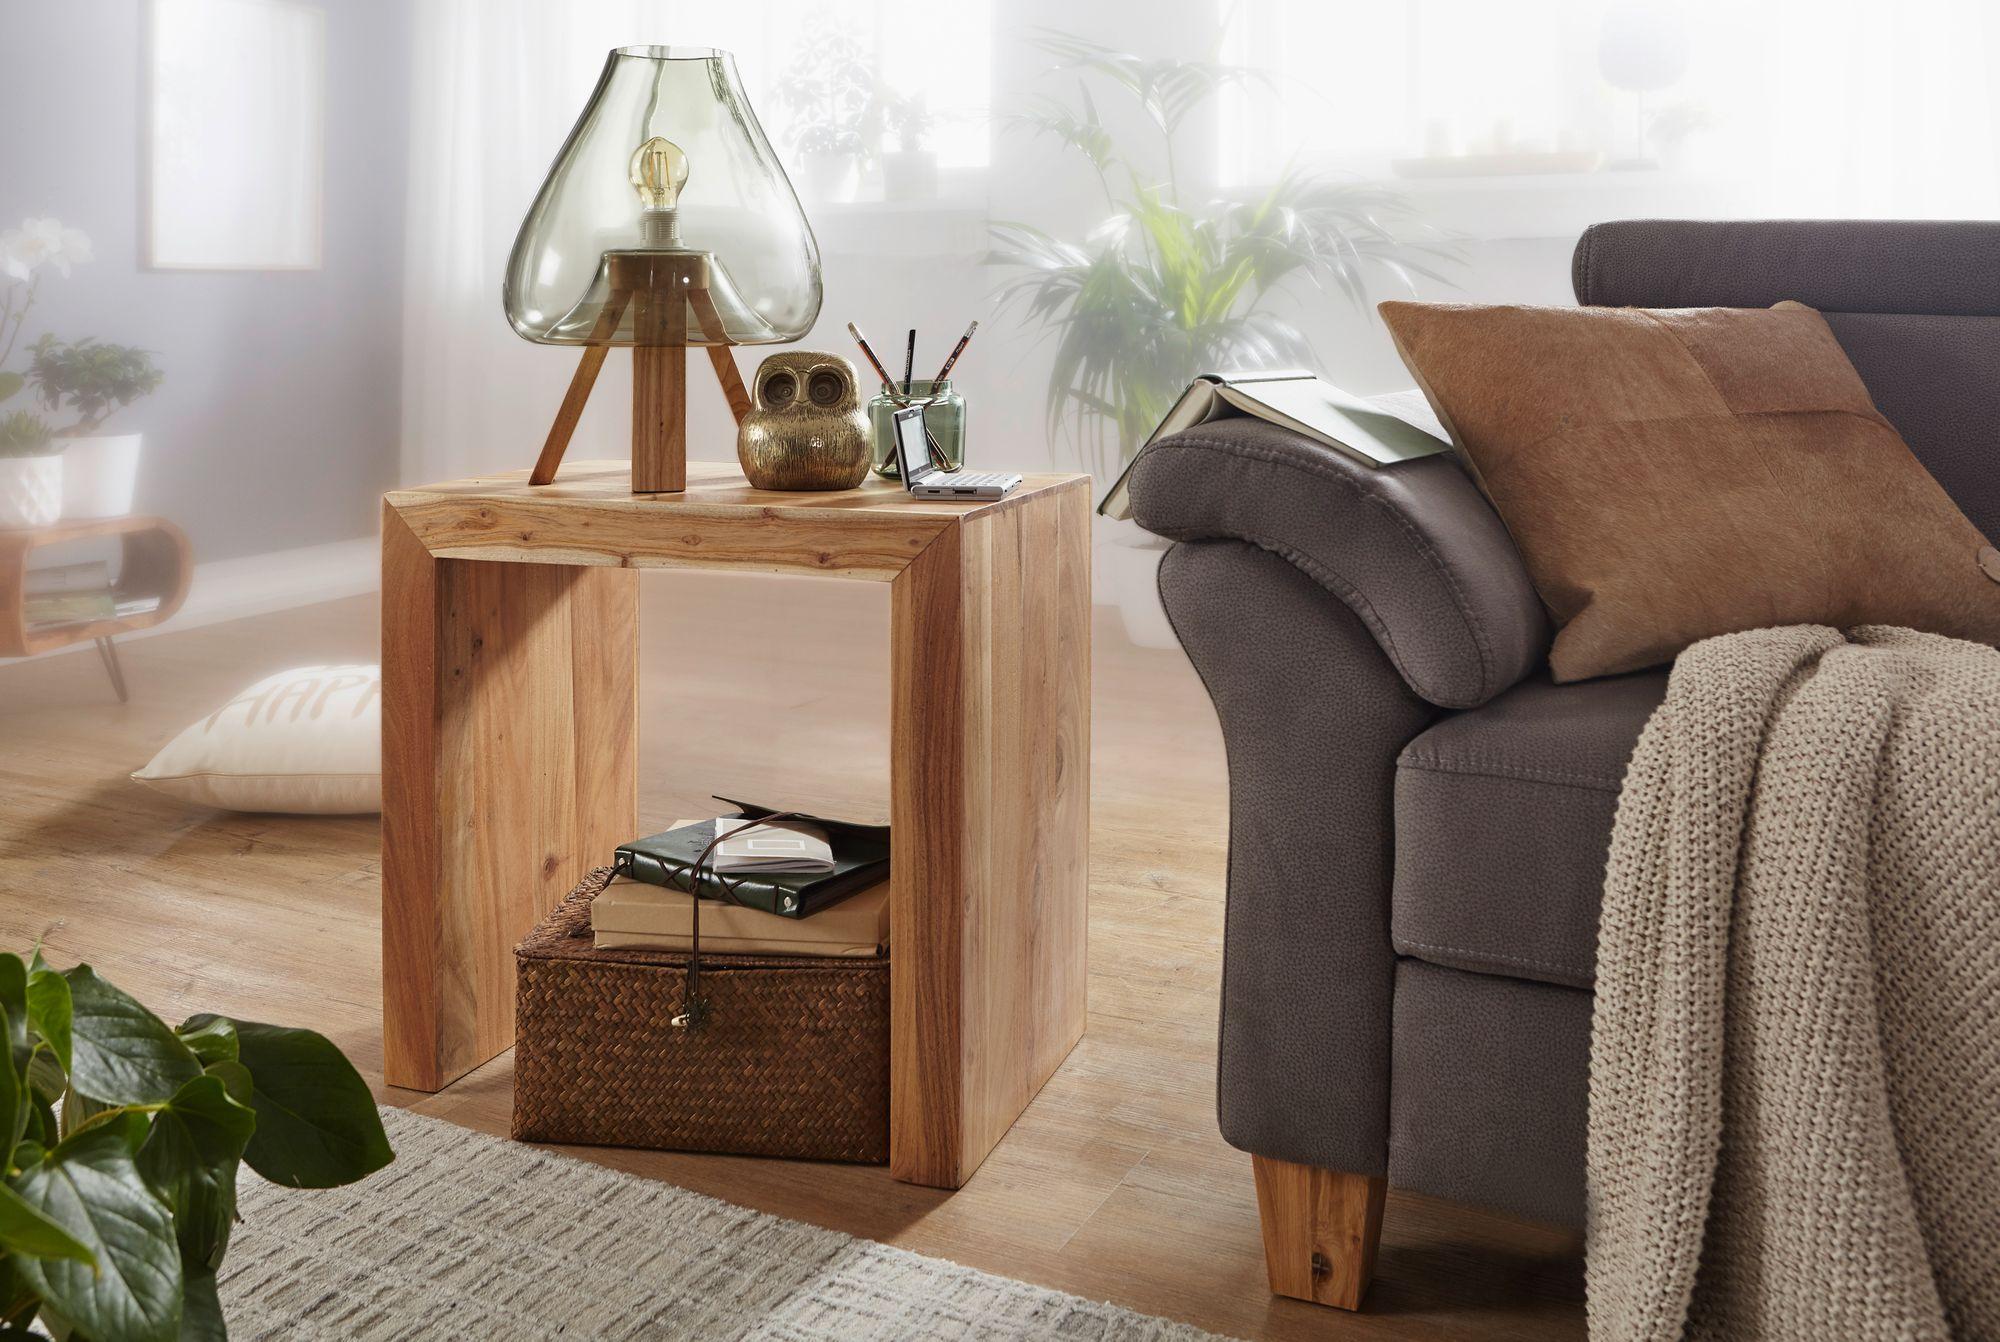 FineBuy Beistelltisch Massivholz 60x35cm Wohnzimmertisch Landhausstil  Couchtisch